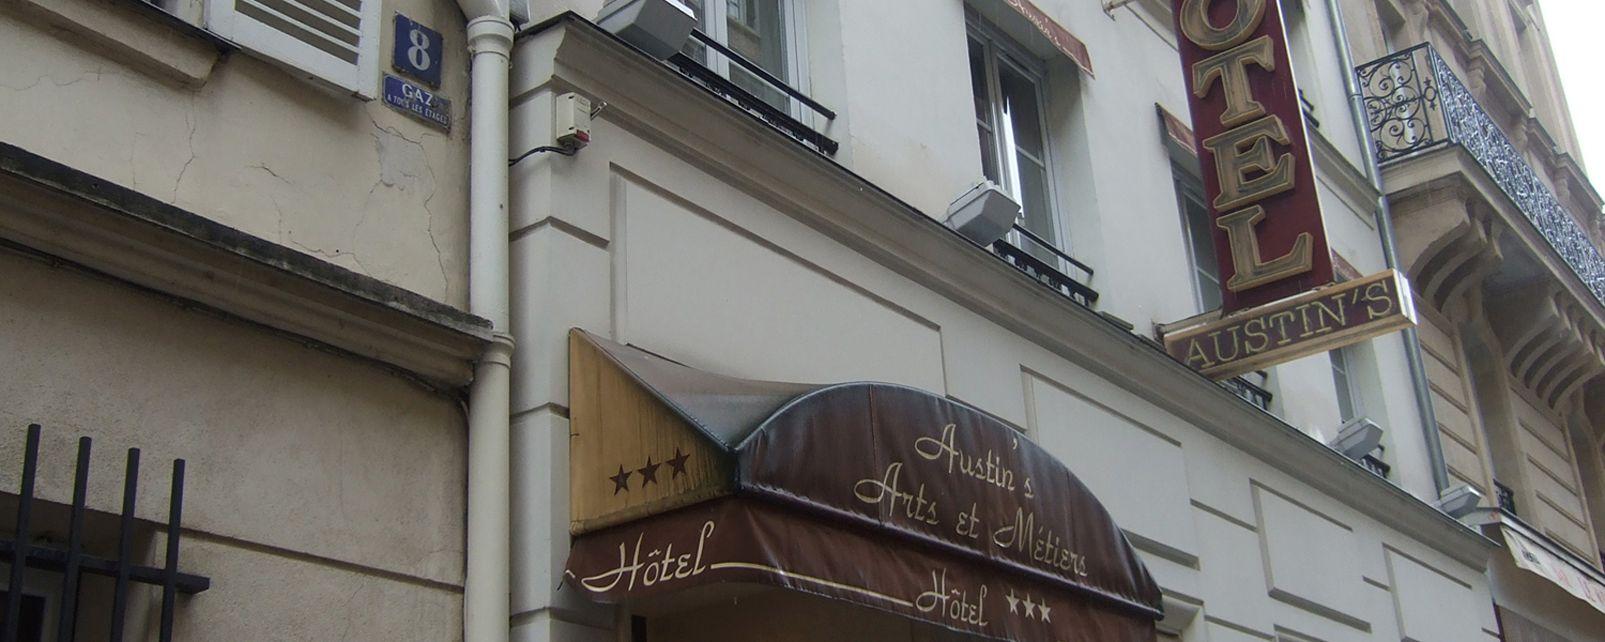 Hotel Austin's Arts et Metiers